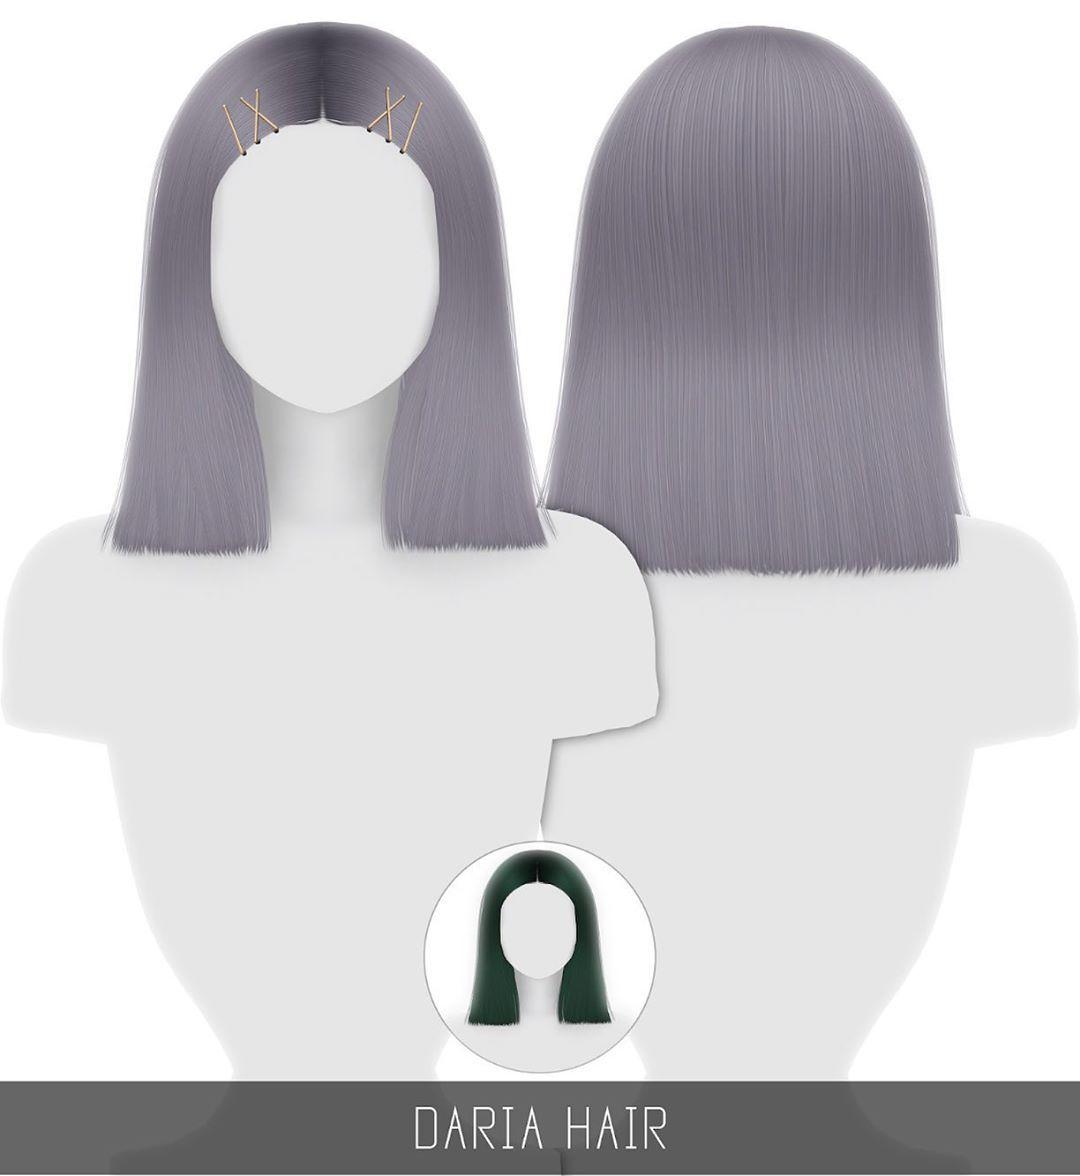 Épinglé par Marie sur Sims 4 cc Sims, Cheveux sims et